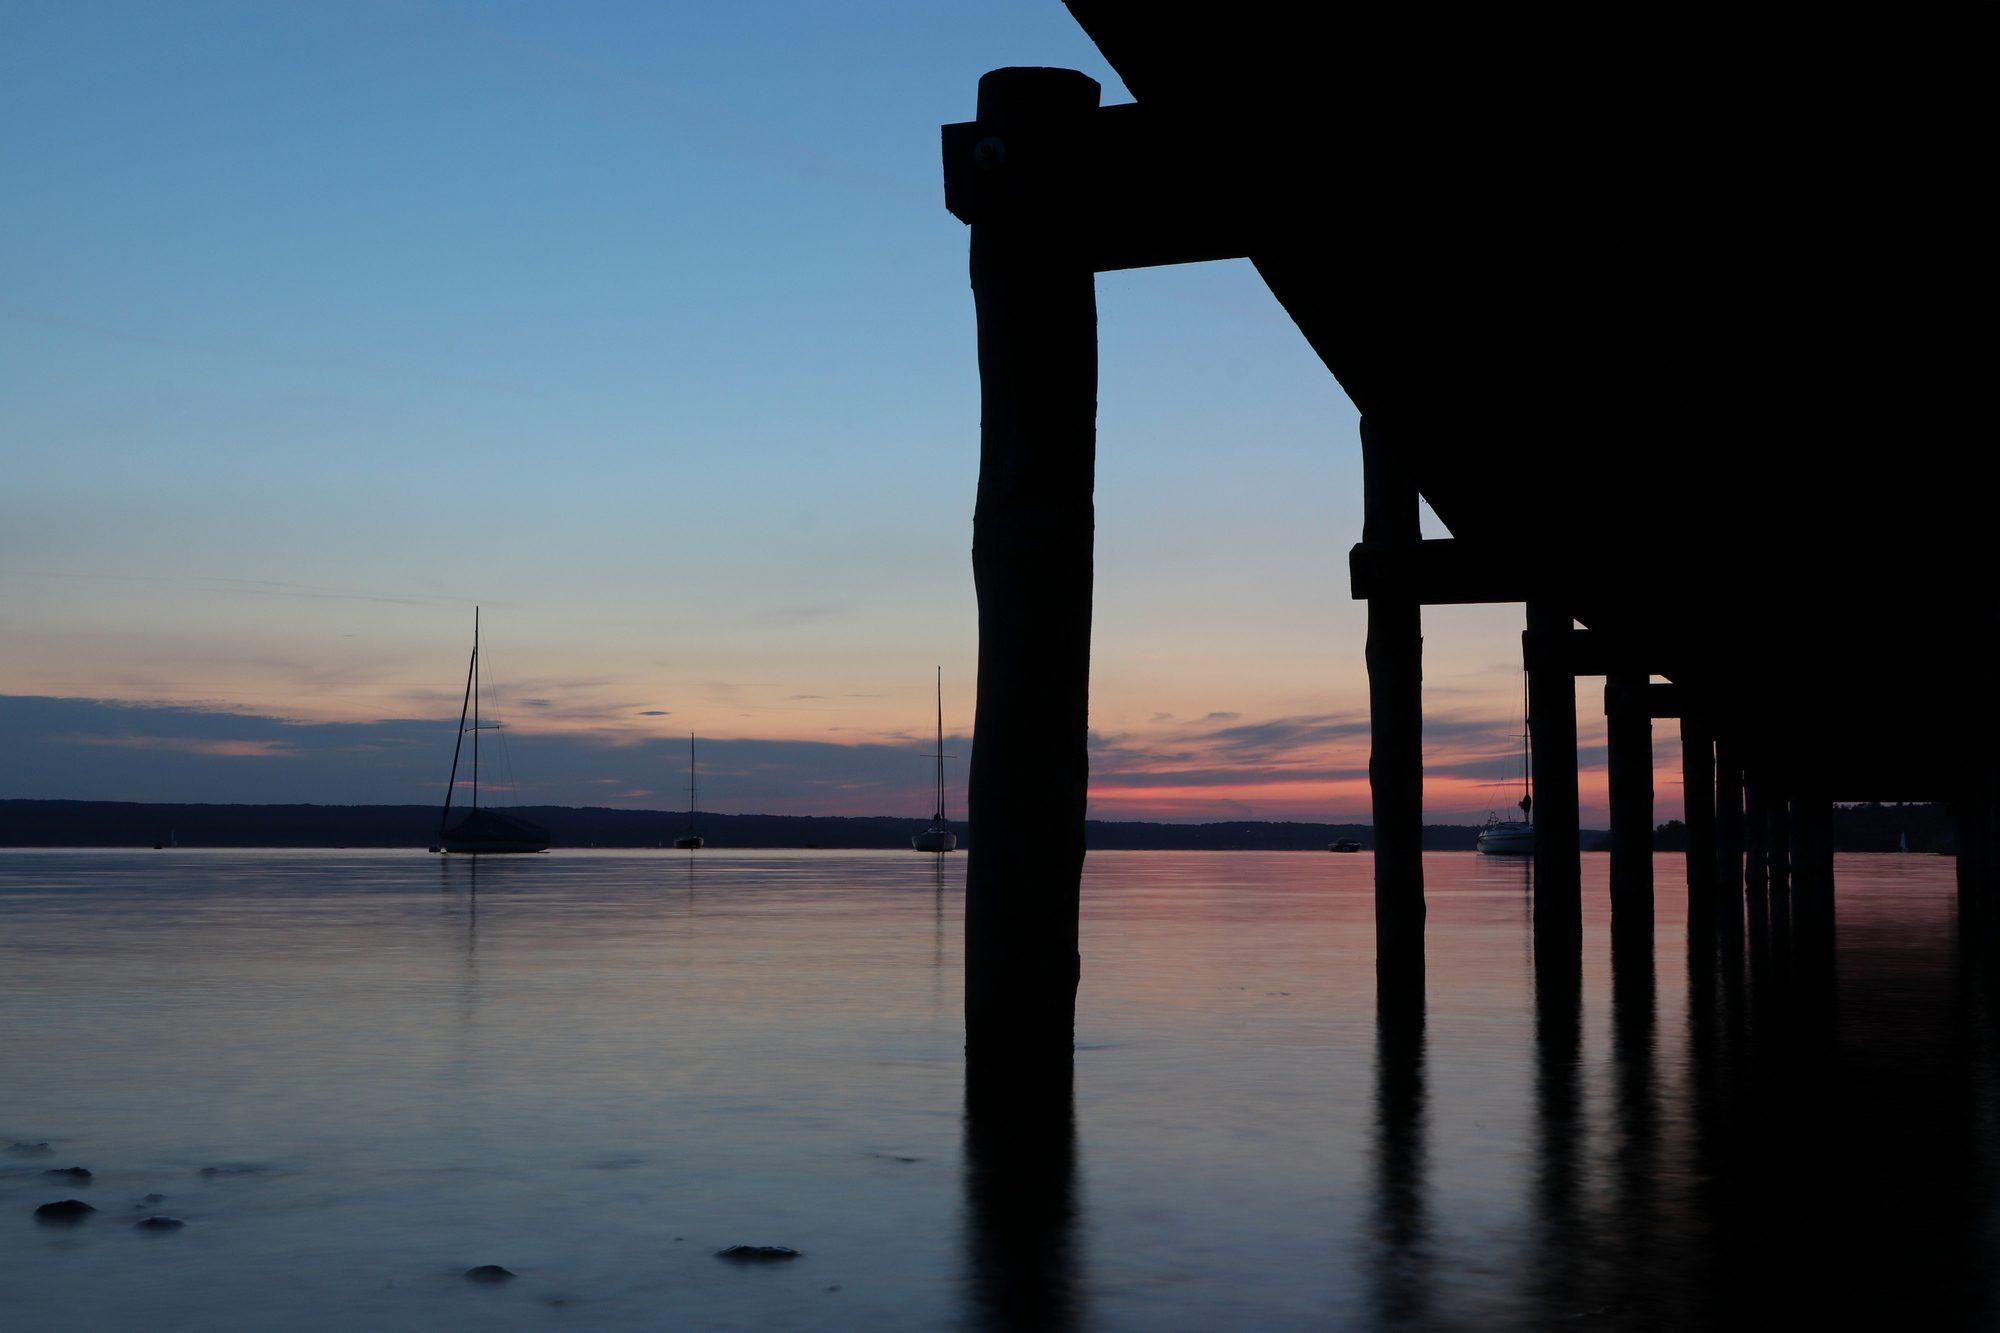 Steg im Sonnenuntergang in Herrsching am Ammersee